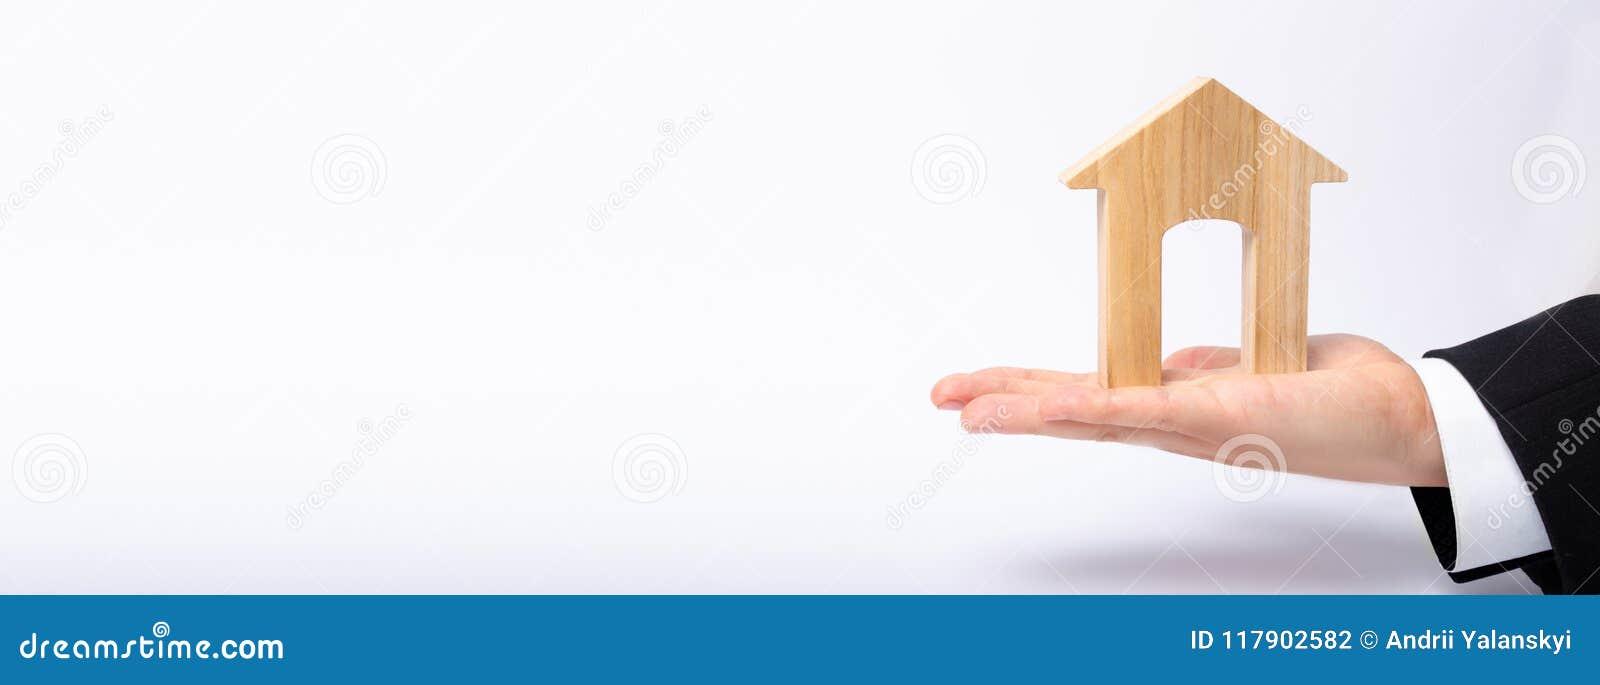 Handen för affärsman` s sträcker ett trähus med en stor dörröppning Begreppet av den kommersiella fastigheten